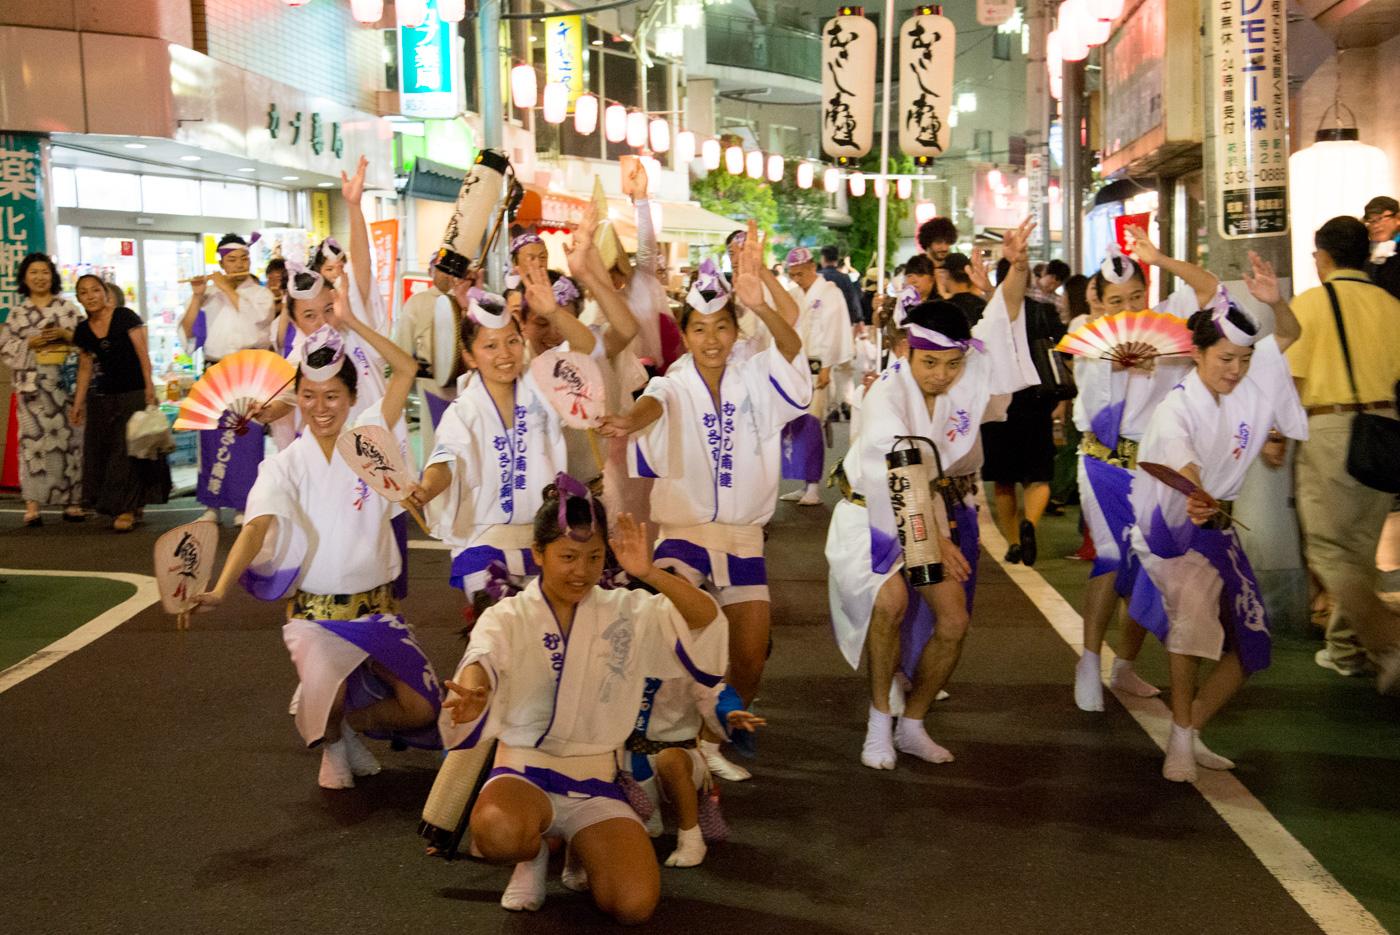 第51回中目黒夏まつり(2016年)阿波踊り、はいポーズ